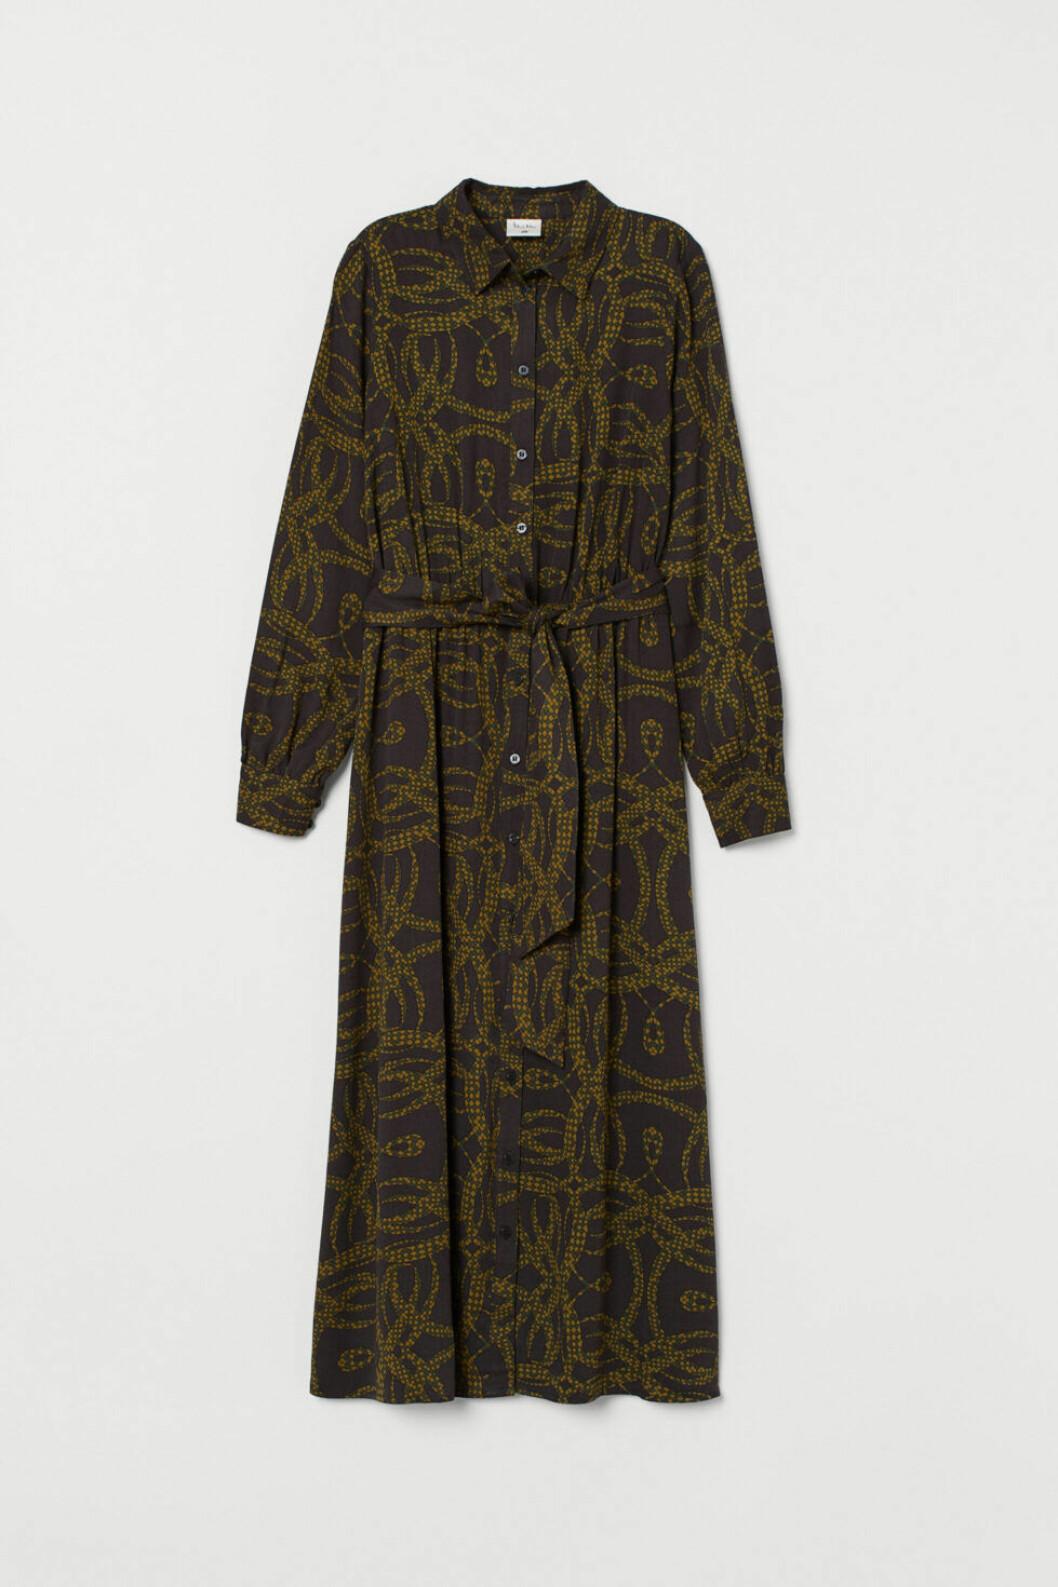 h&M samarbete richard allan klänning